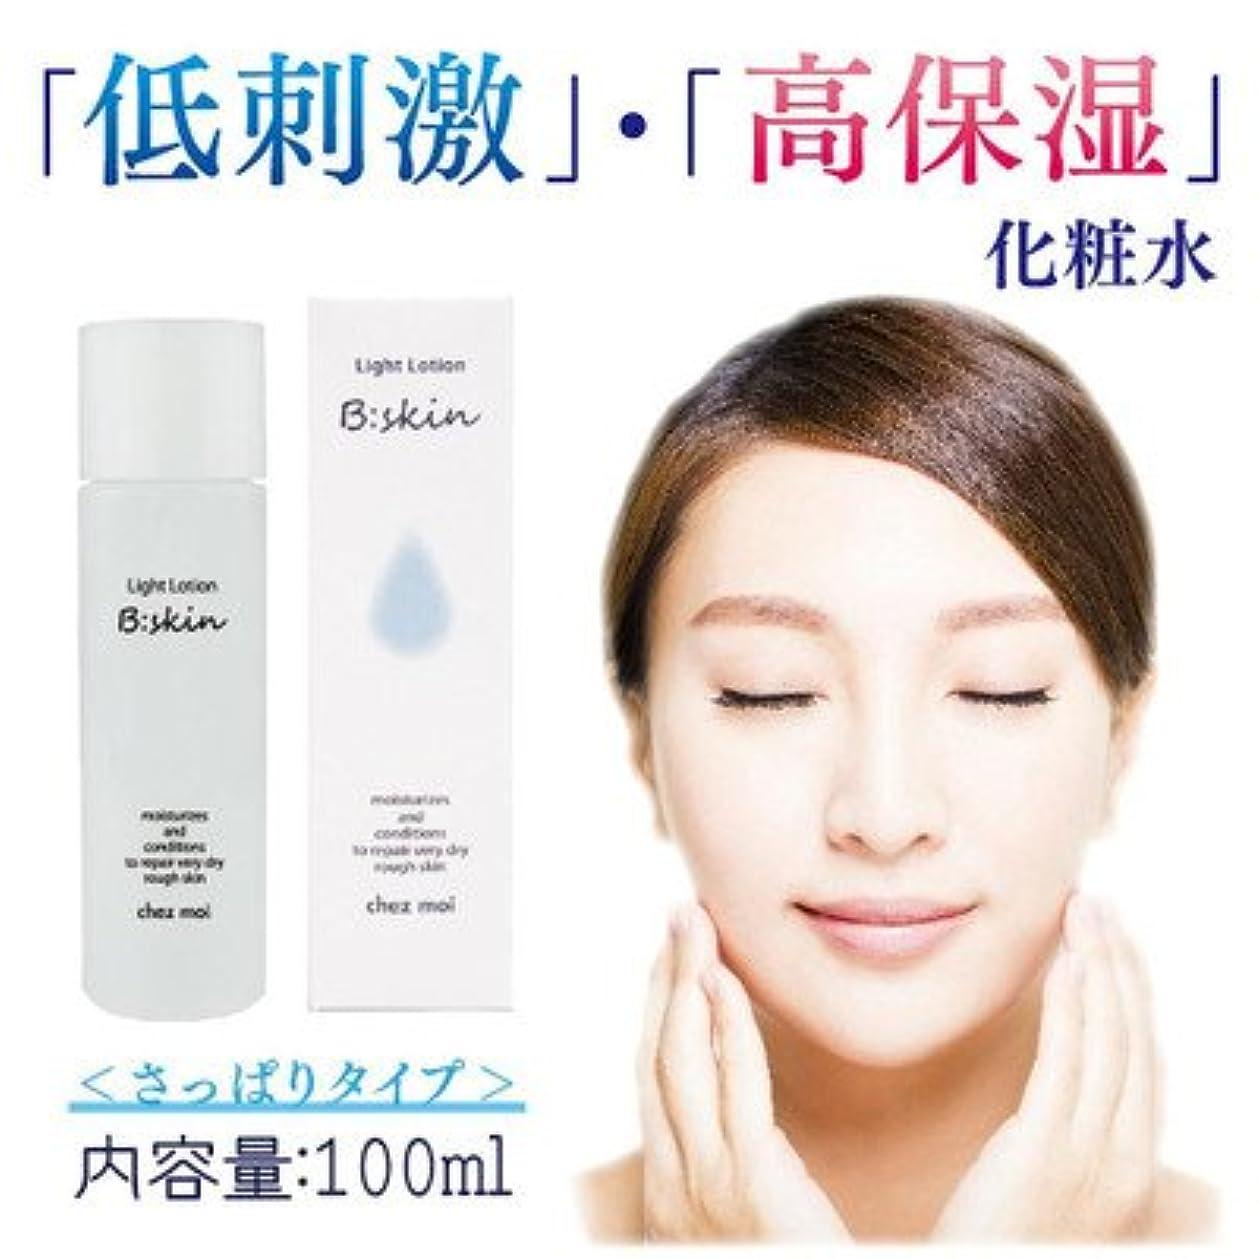 拡声器賞賛するハプニング低刺激 高保湿 さっぱりタイプの化粧水 B:skin ビースキン Light Lotion ライトローション さっぱりタイプ 化粧水 100mL